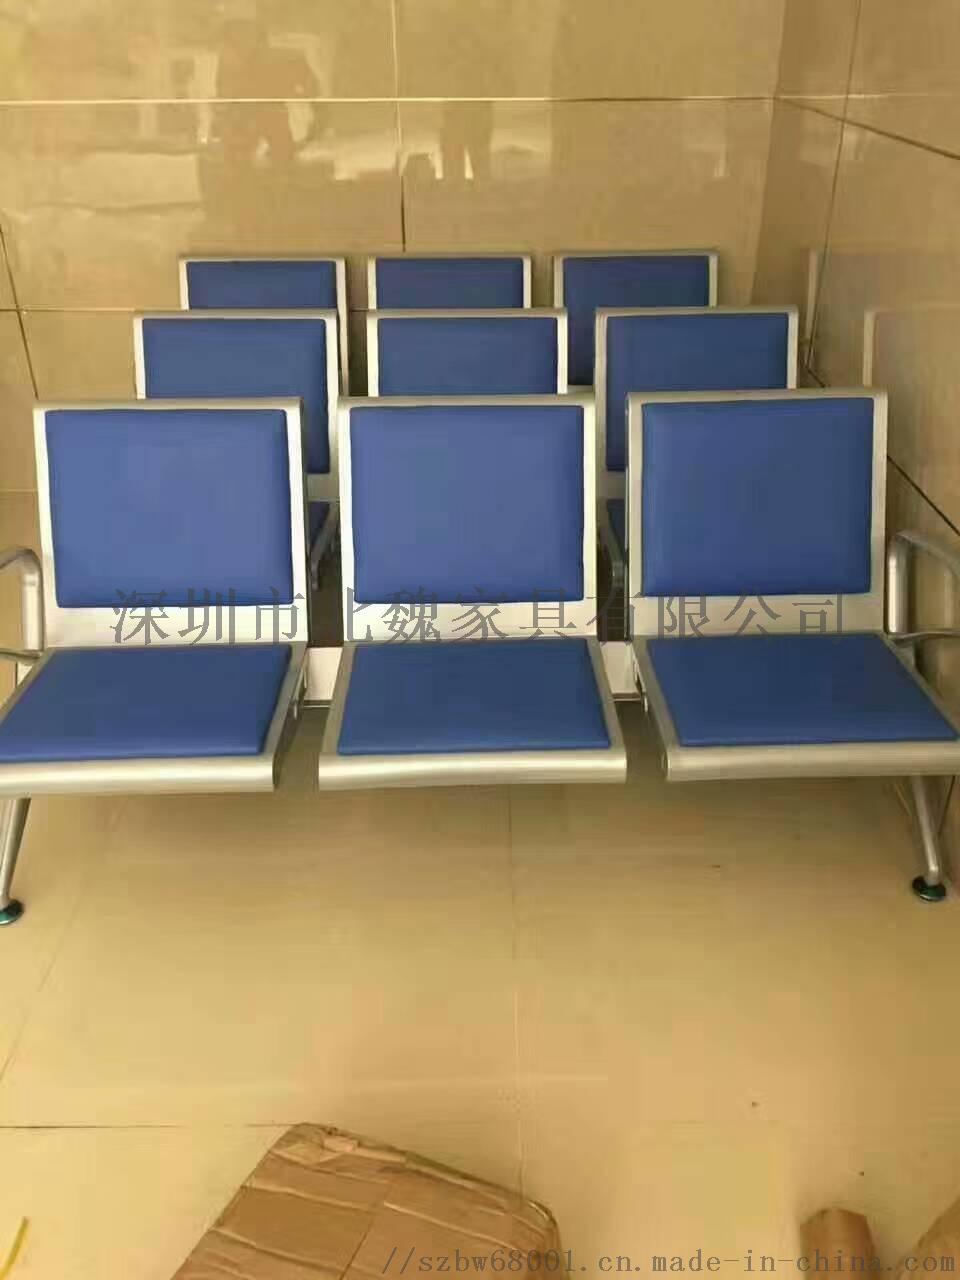 不鏽鋼連排椅、不鏽鋼連排椅批發、不鏽鋼連排椅代理、不鏽鋼連排椅價格110043615